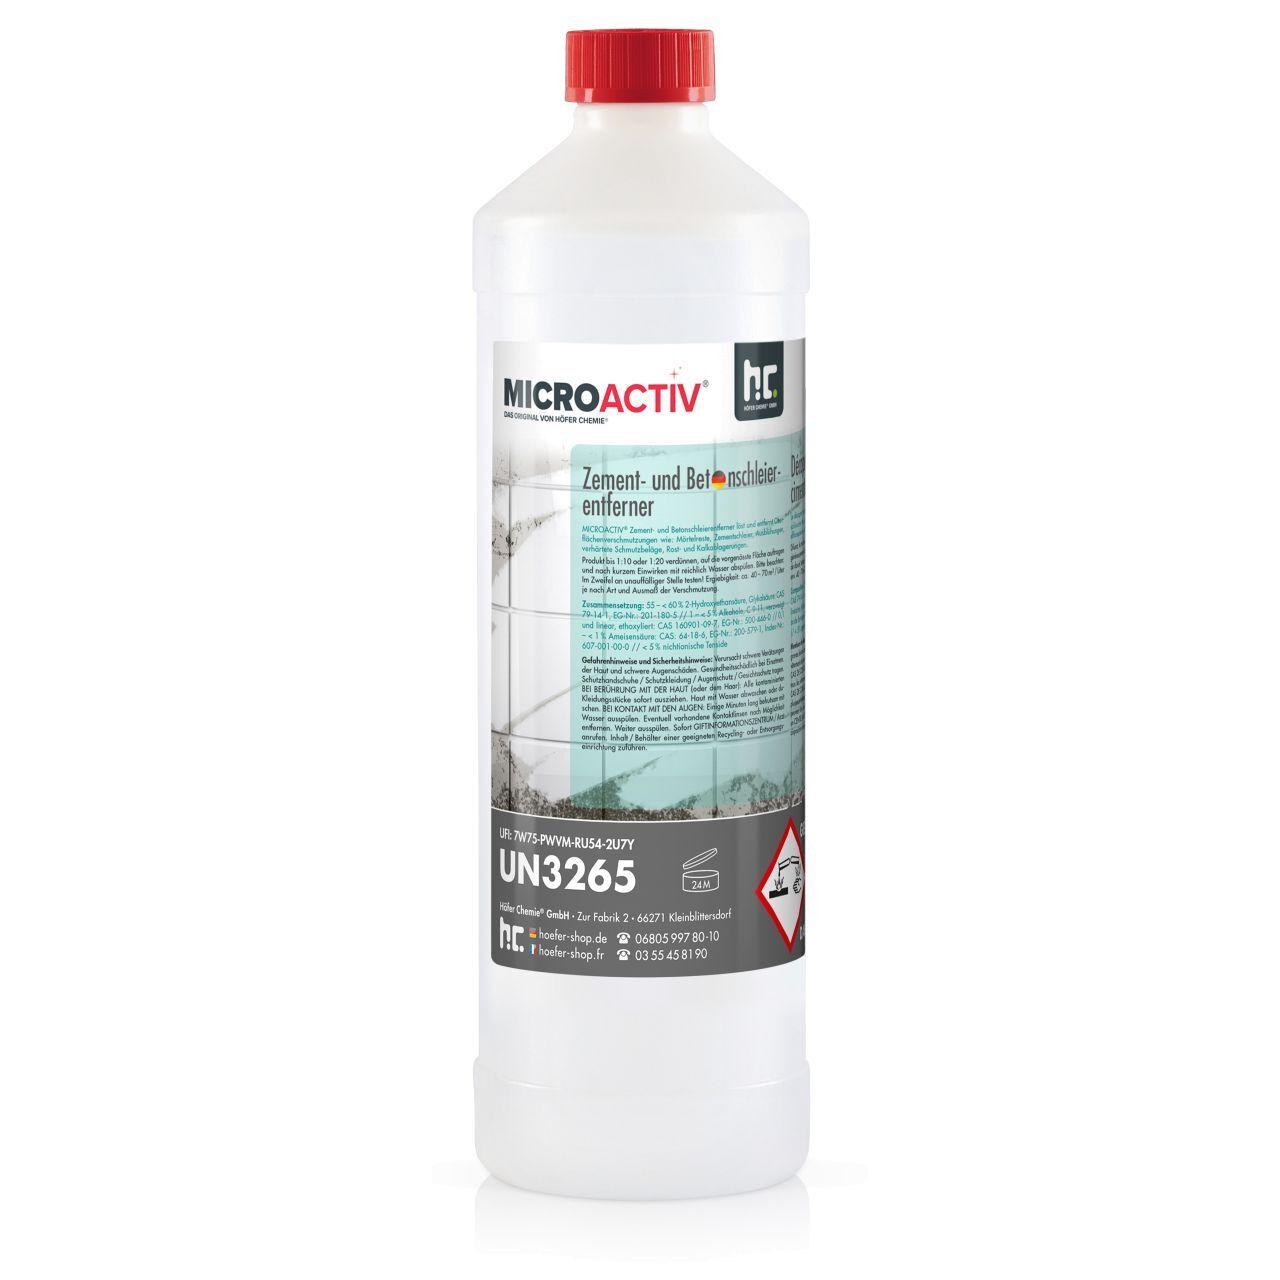 MICROACTIV 6 l MICROACTIV Décapant pour laitance de ciment et béton (6 x 1 l)